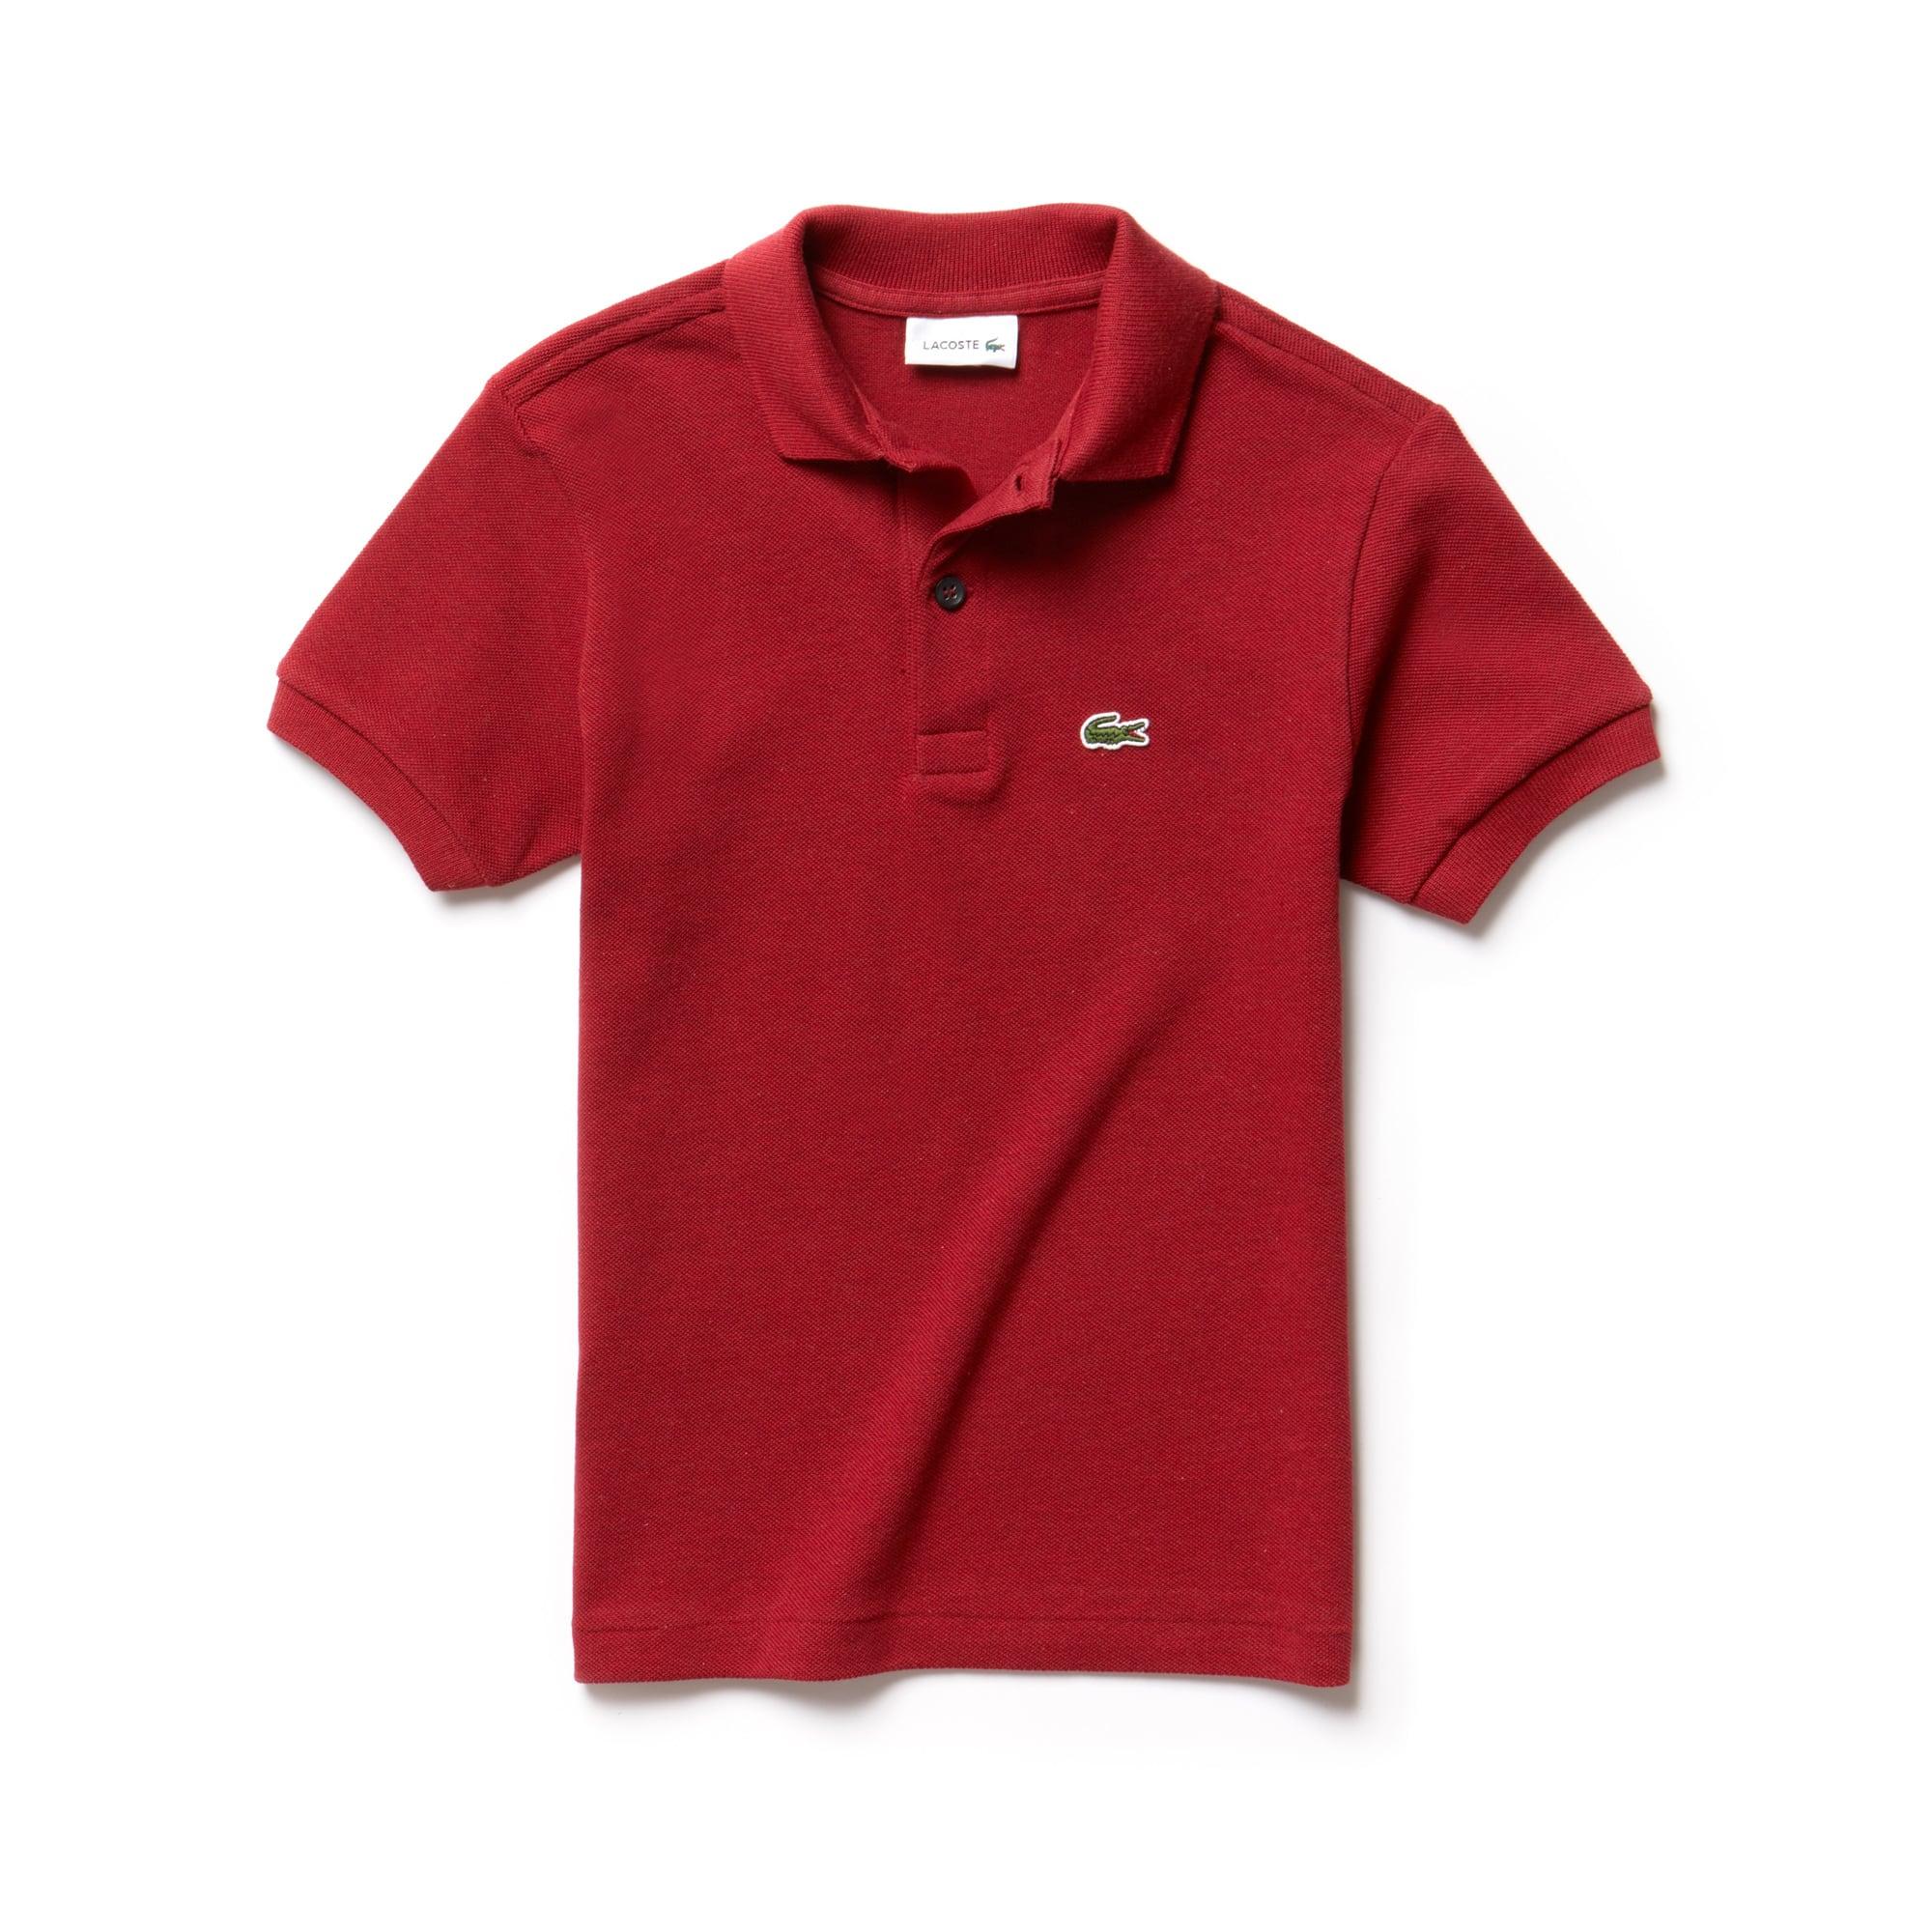 25b6d5369bbdfa + 16 colors + 19 colors. 30% off. Lacoste Petit Piqué Polo Shirt